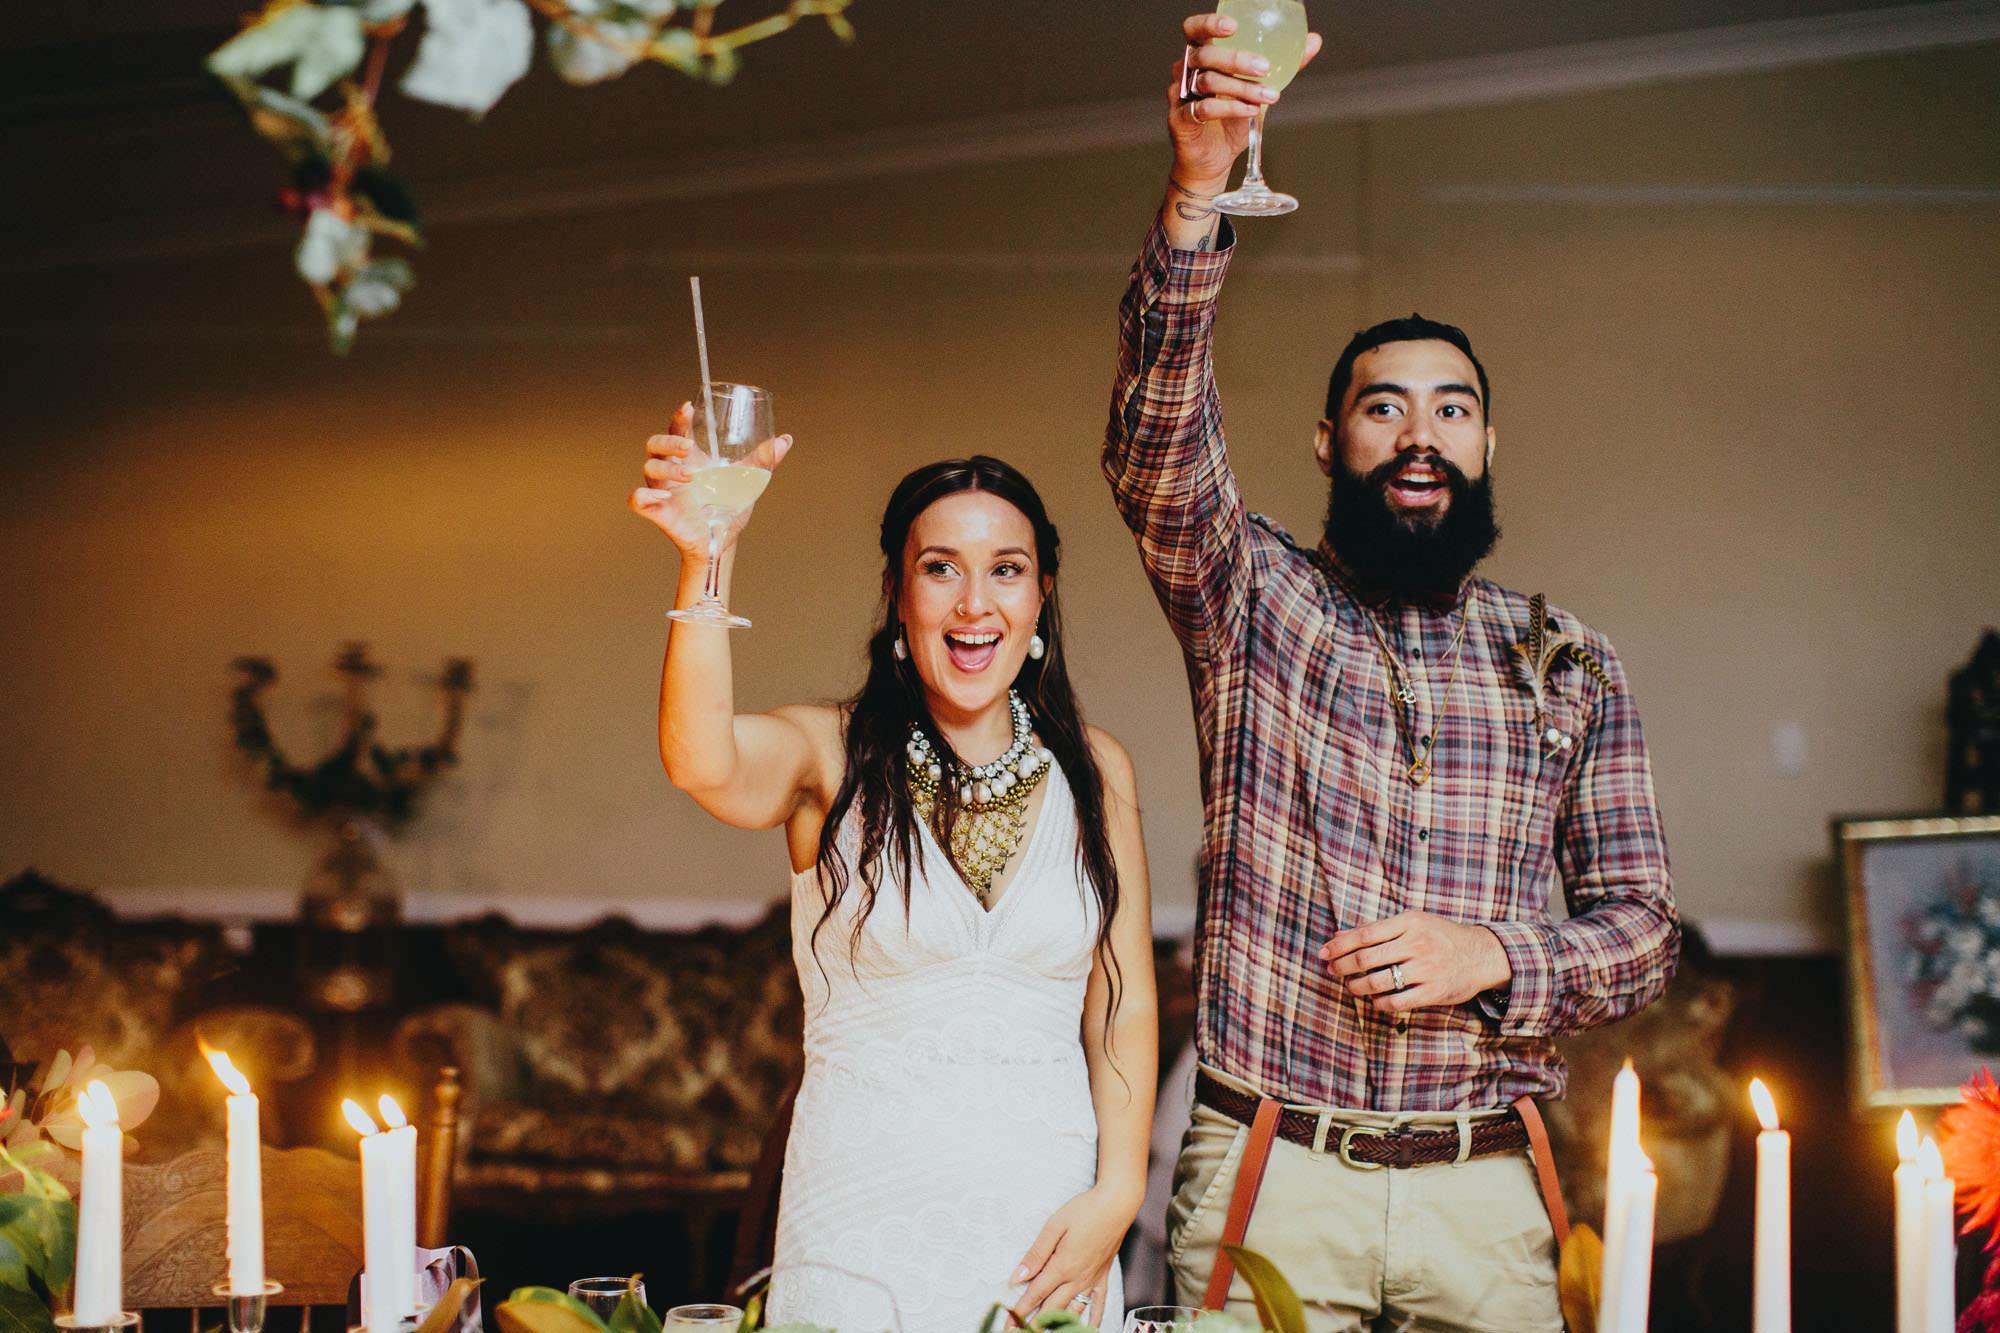 094 finch and oak, wedding photography, gold coast, byron bay.jpg